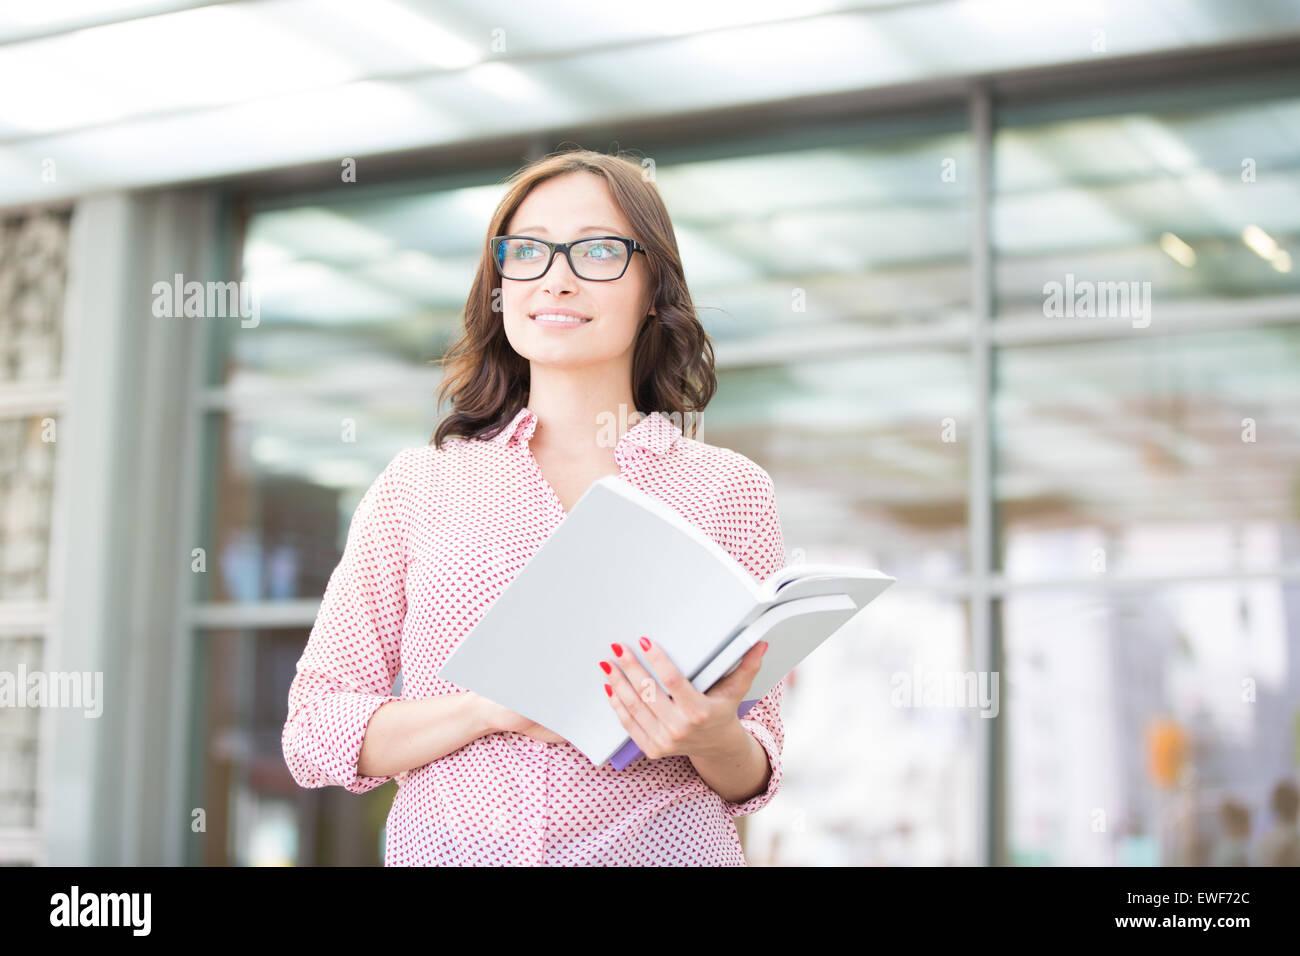 Donna sorridente che guarda lontano mentre si tiene fuori dall'edificio Immagini Stock